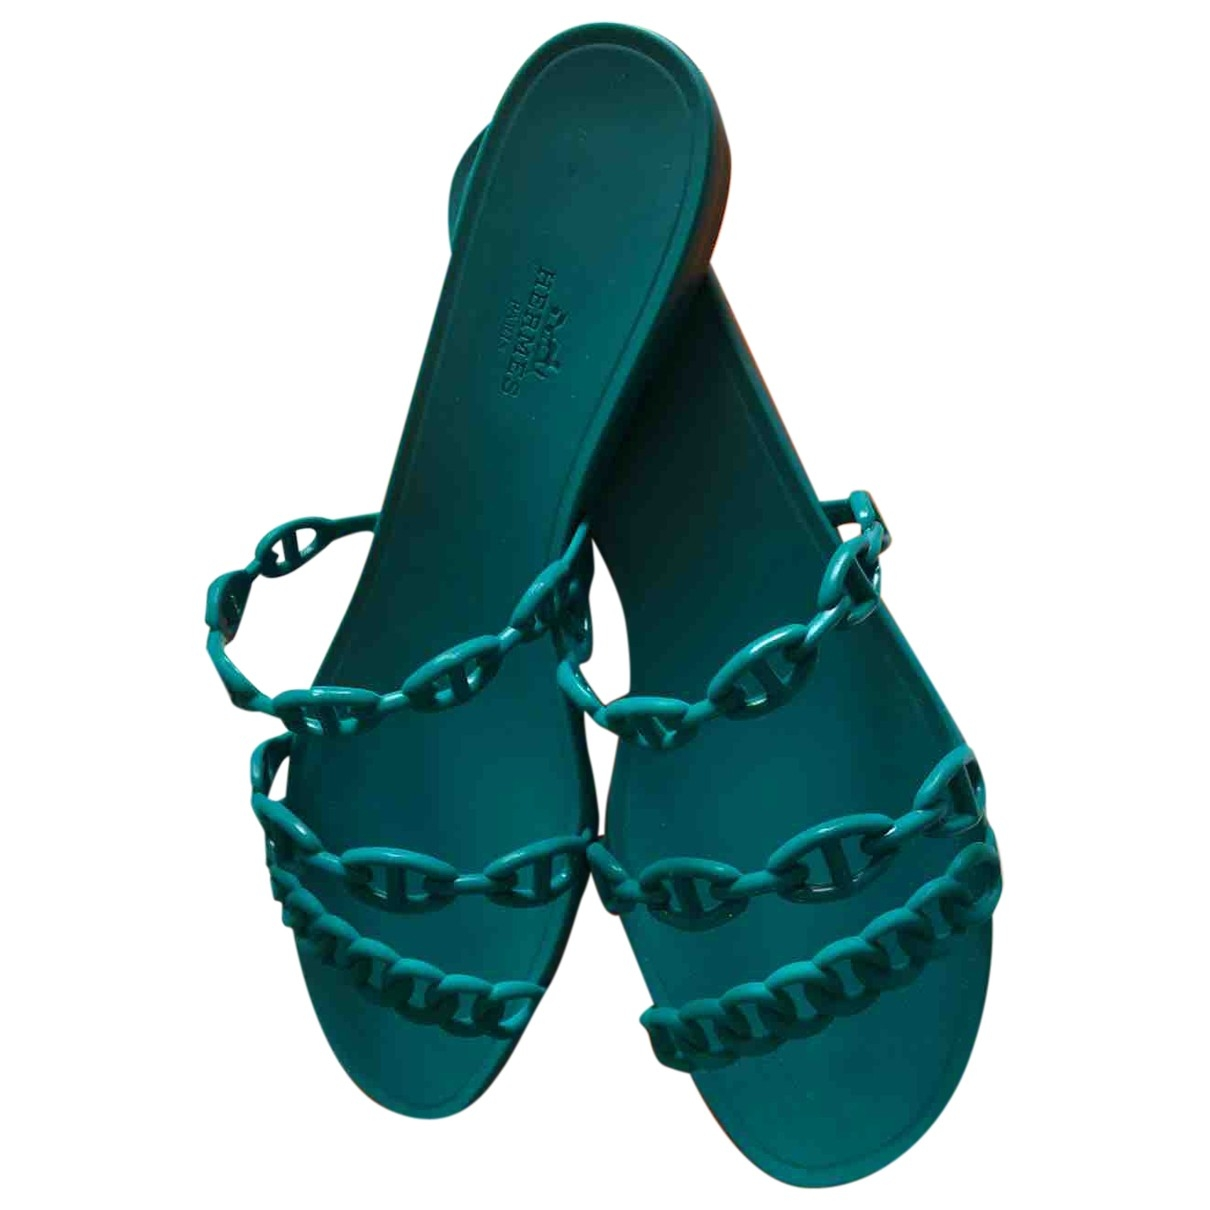 Hermes - Sandales Nude pour femme en caoutchouc - vert